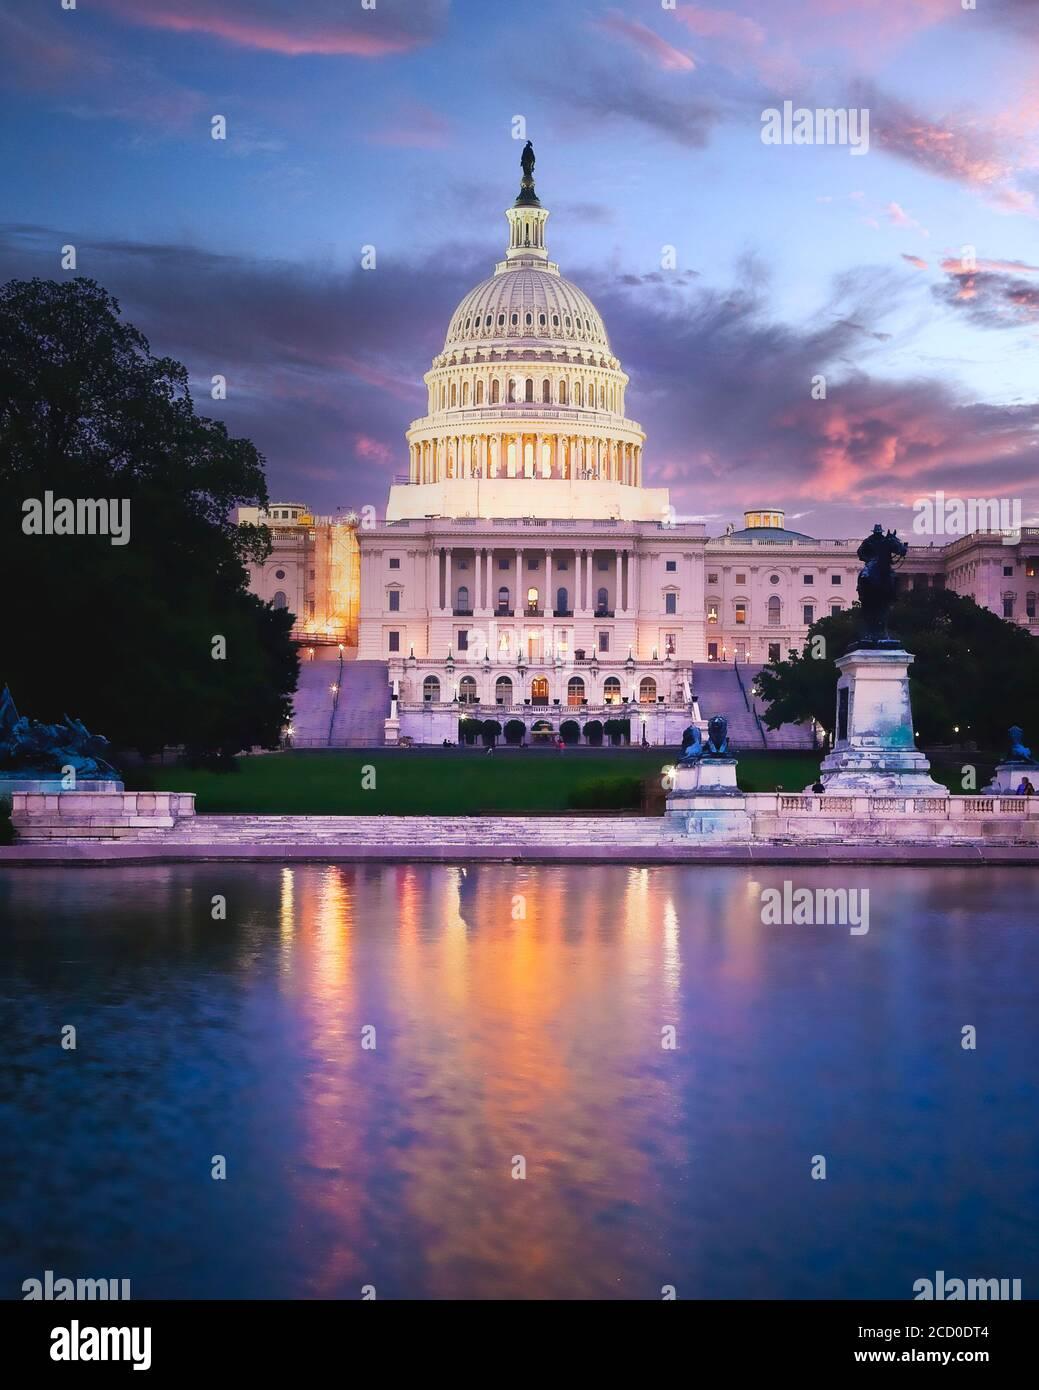 Das US-Kapitolgebäude in Washington, DC beherbergt das Repräsentantenhaus und den Senat. Stockfoto